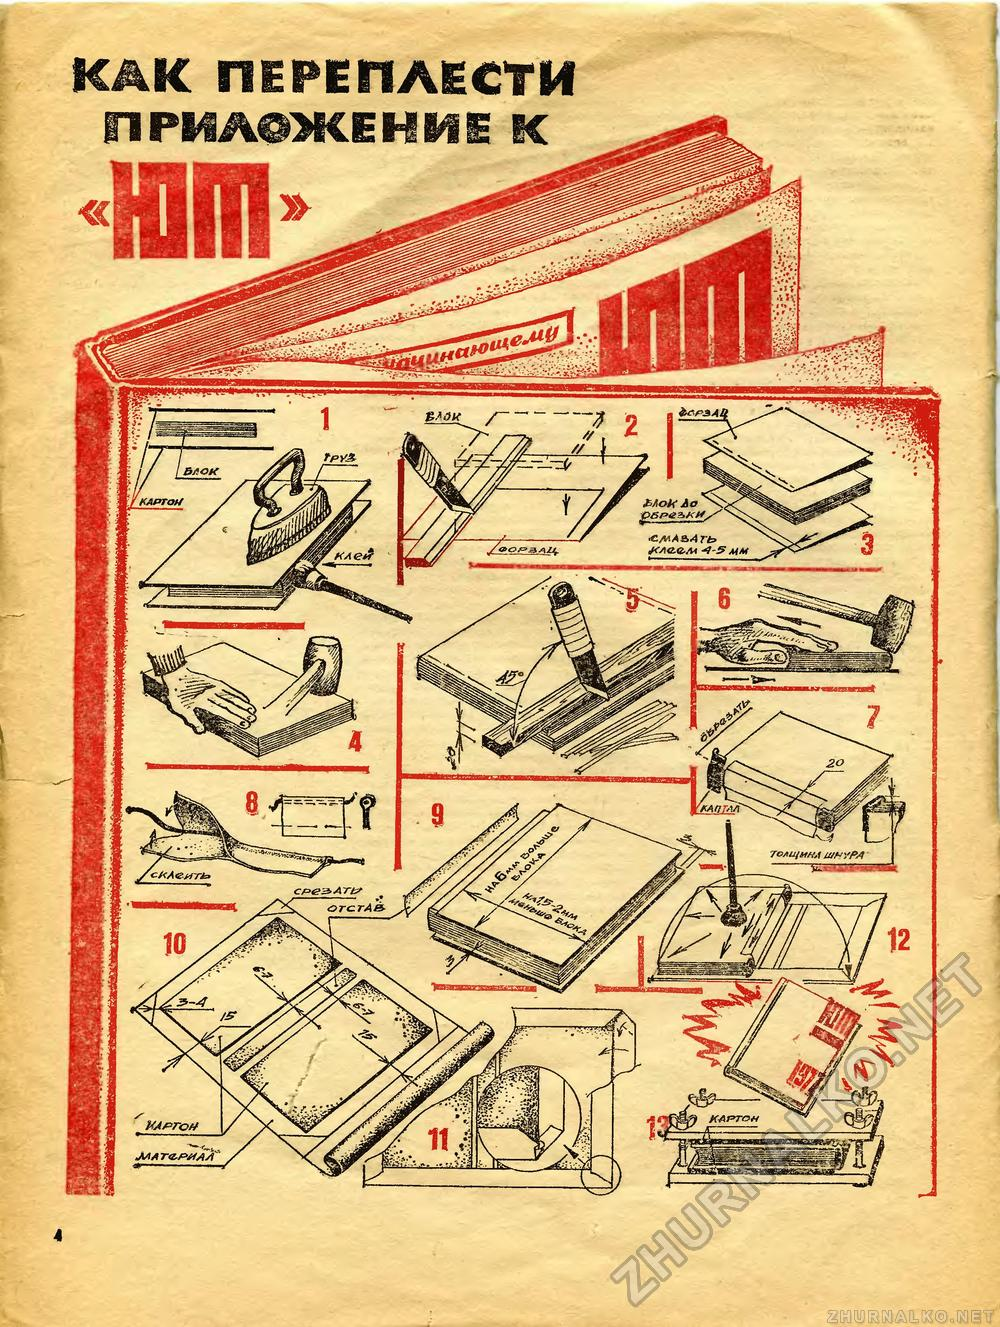 Как сделать ремонт книгу